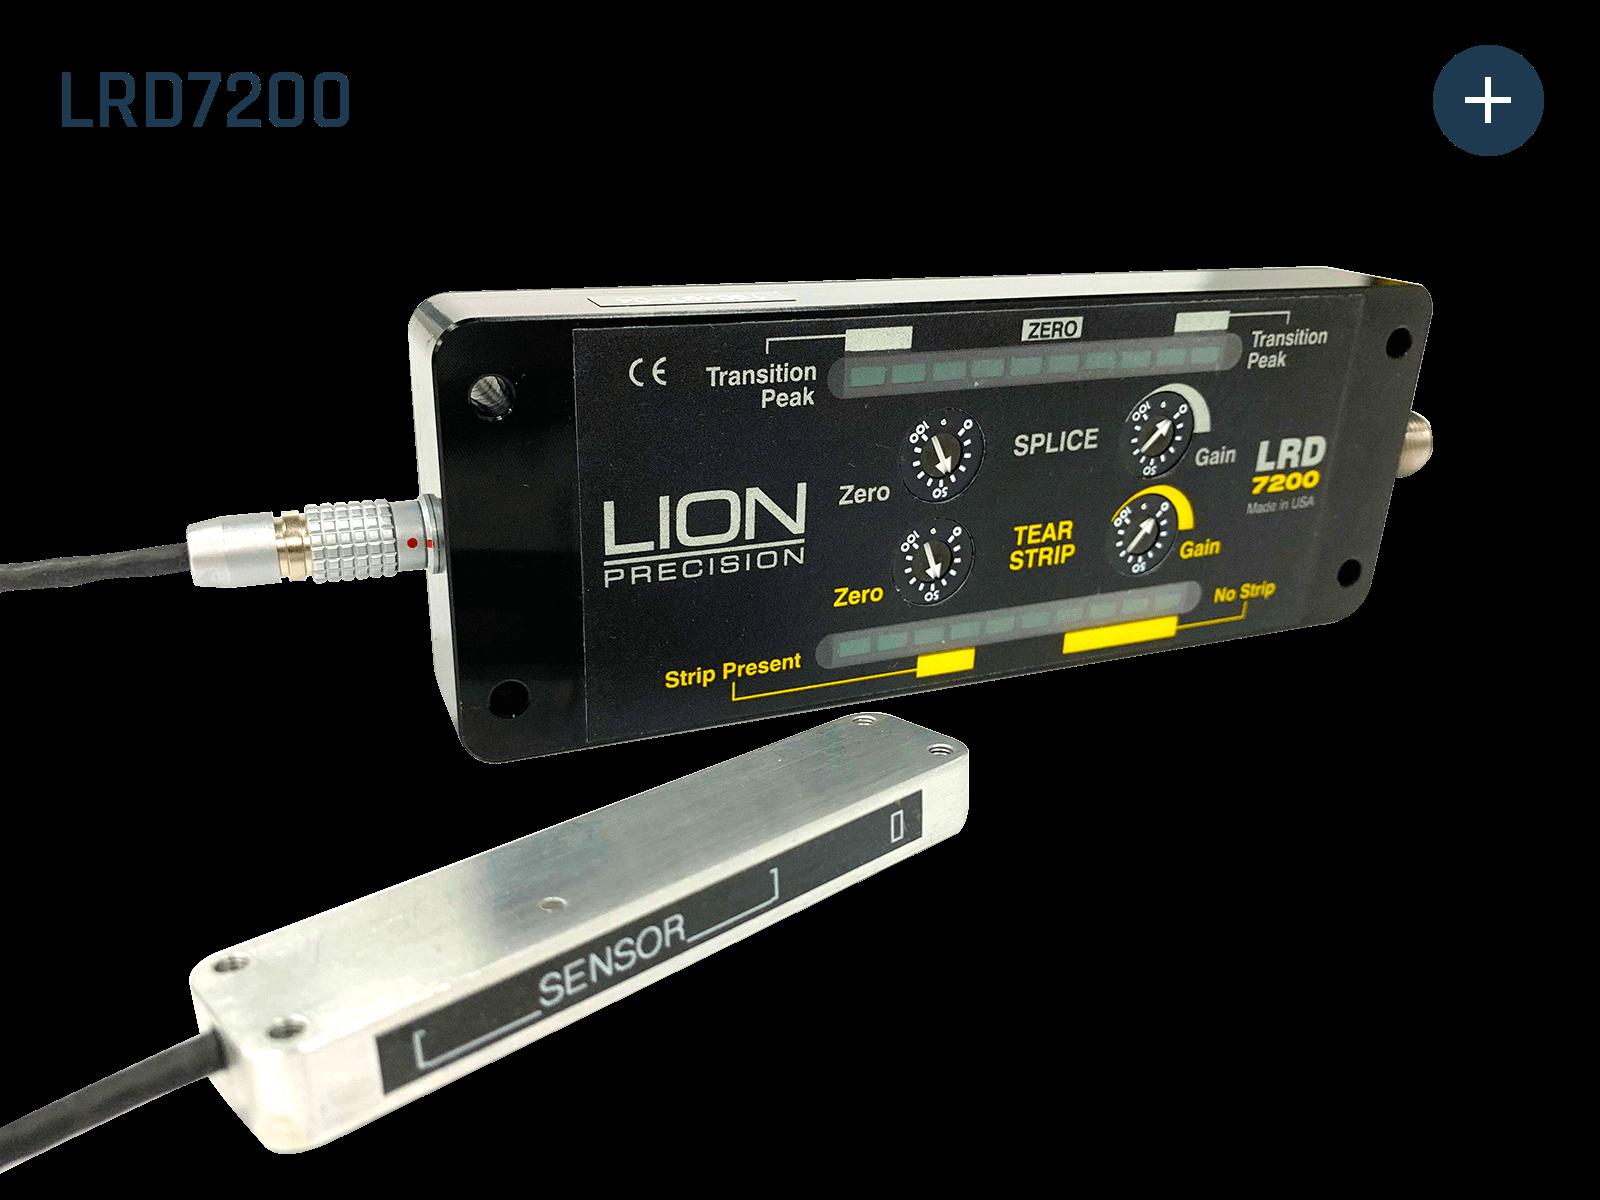 LRD7200